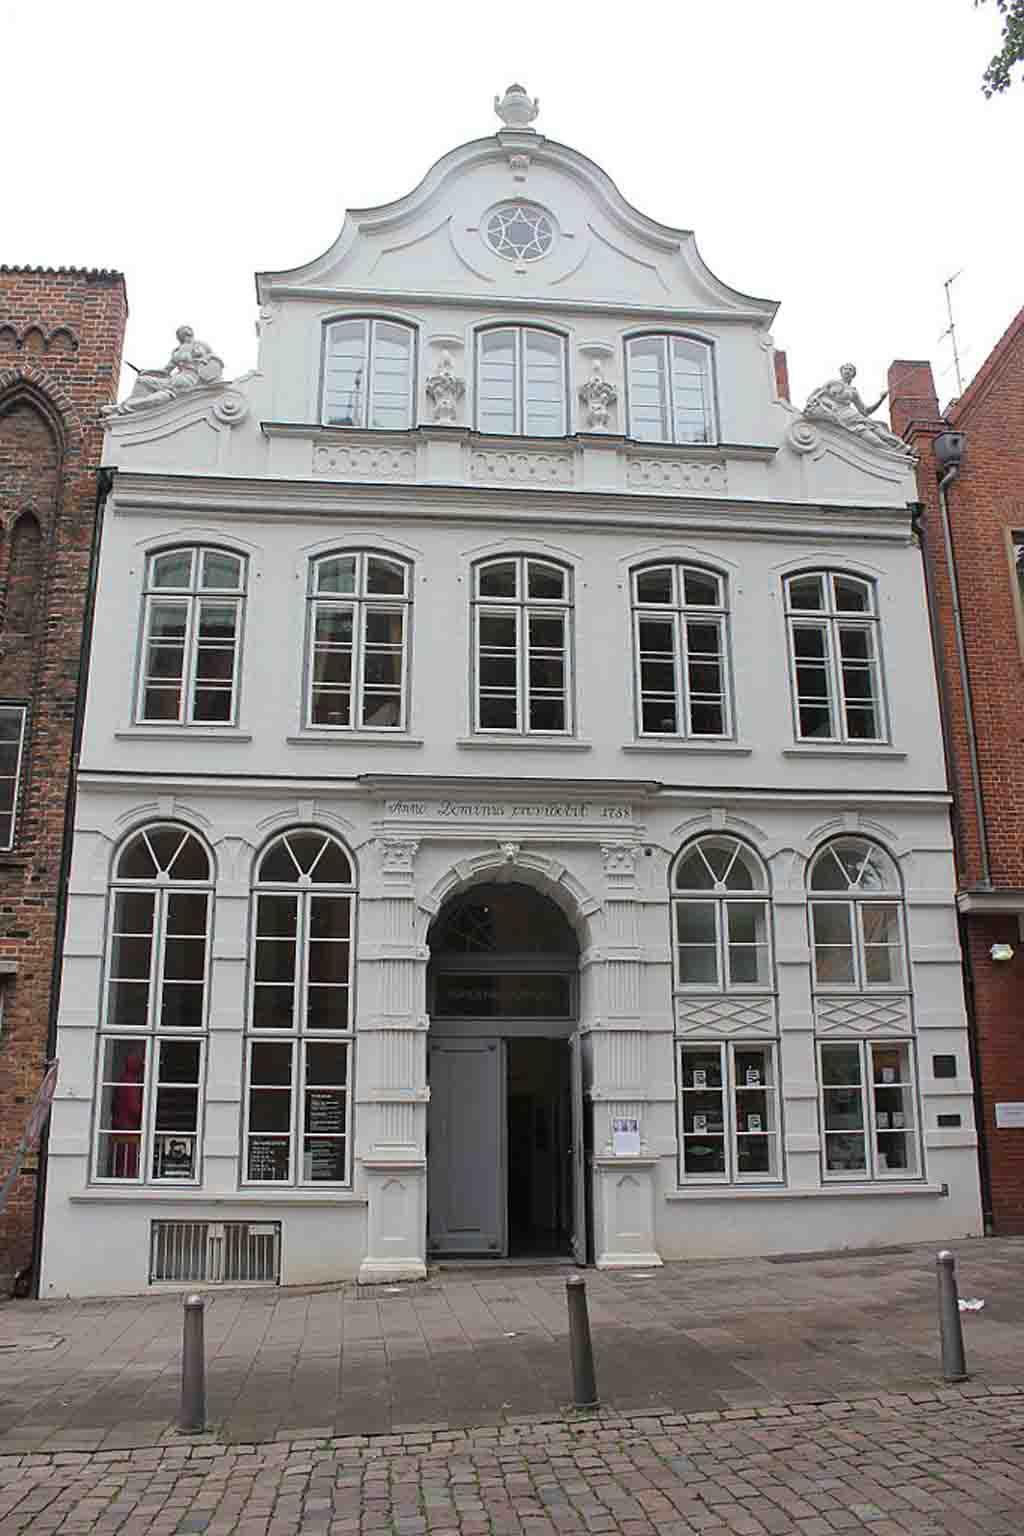 Buddenbrook House by Andrzej Otrębski, Wikimedia.org